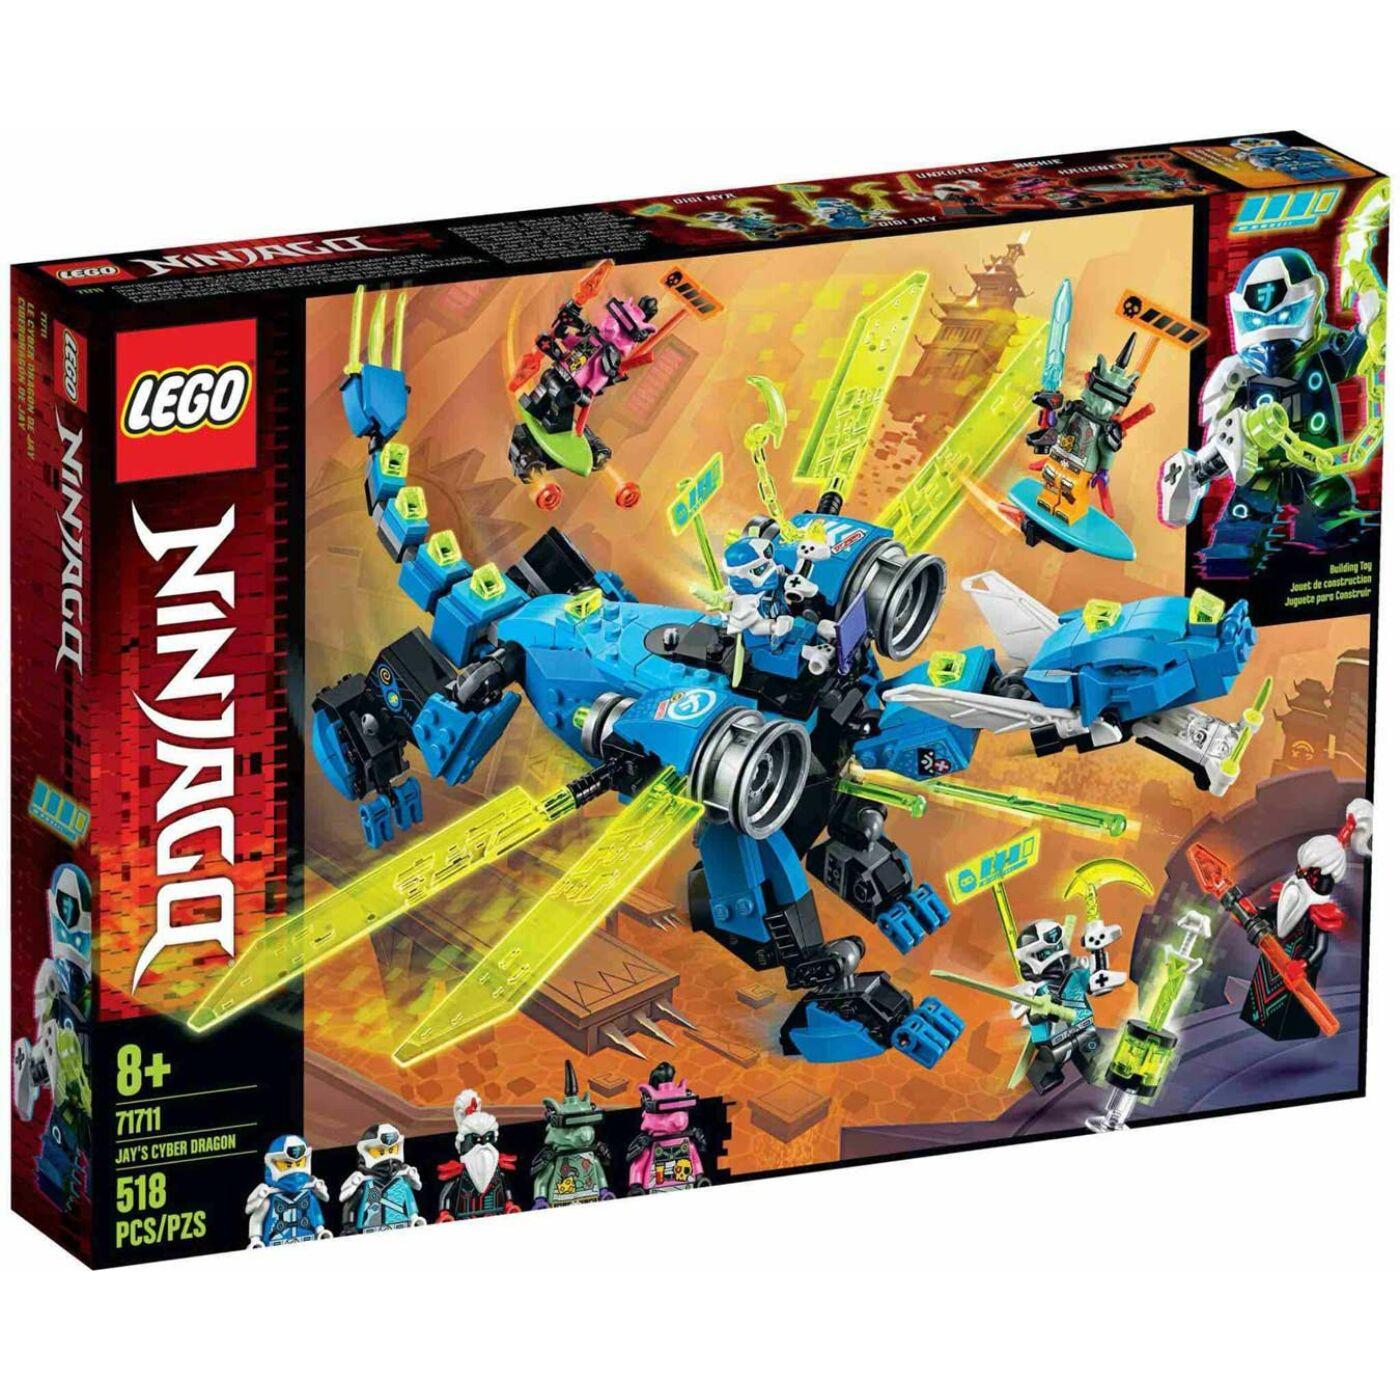 Lego Ninjago Jay kibersárkánya